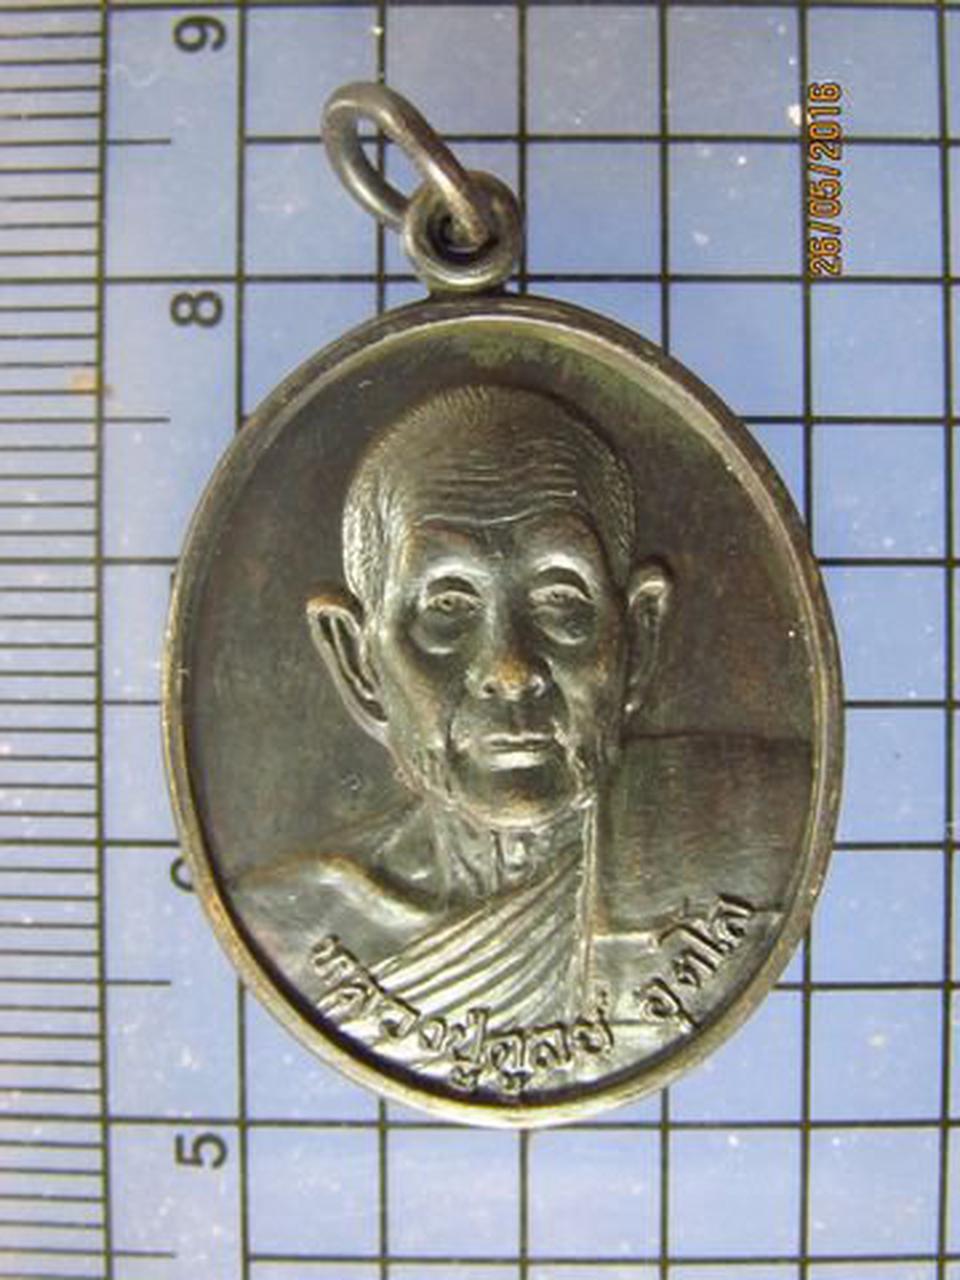 3453 หลวงปู่ดูลย์ วัดบูรพาราม ปี 2533 รุ่น ลาภ-ผล-พูน-ทวี จ. รูปที่ 2